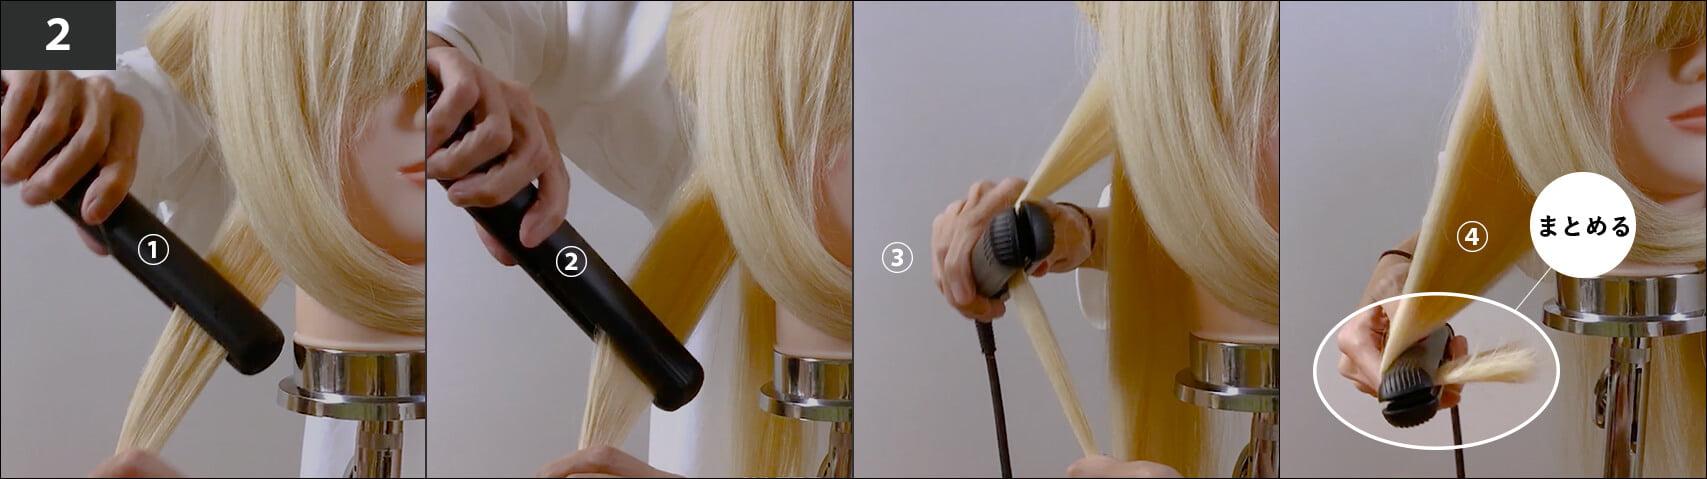 ロングヘア ストレートアイロン 内巻き 巻き方